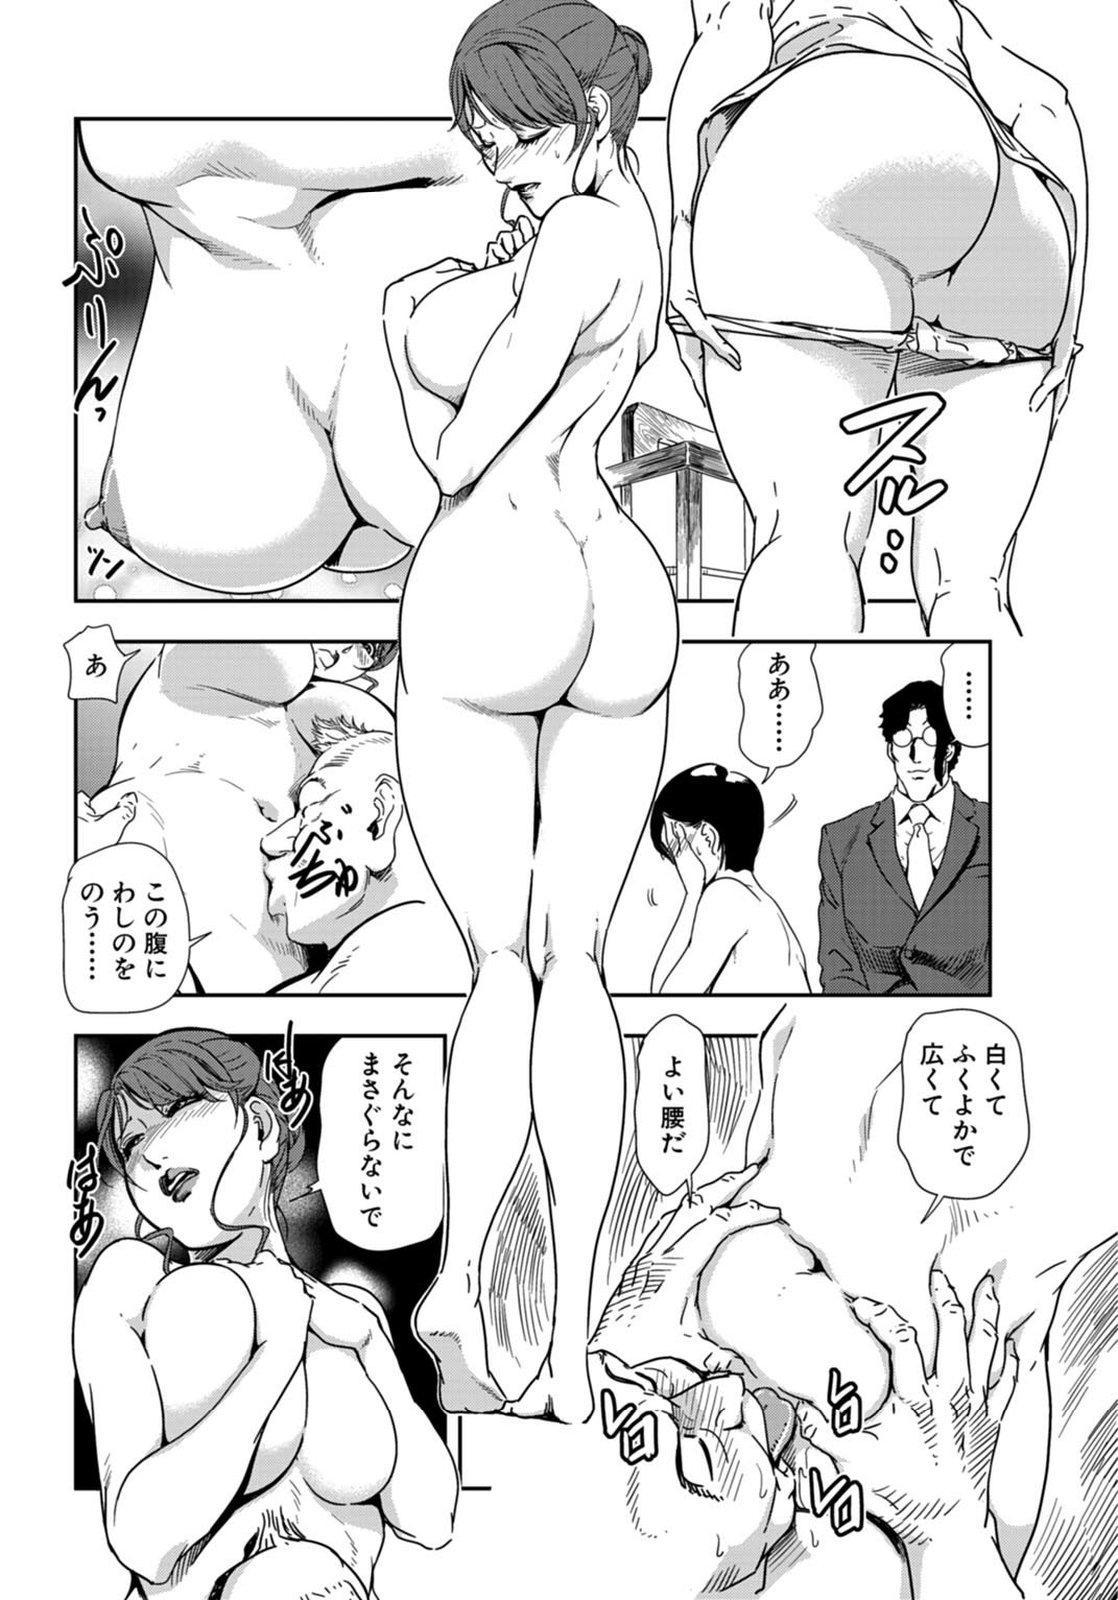 Nikuhisyo Yukiko 21 37